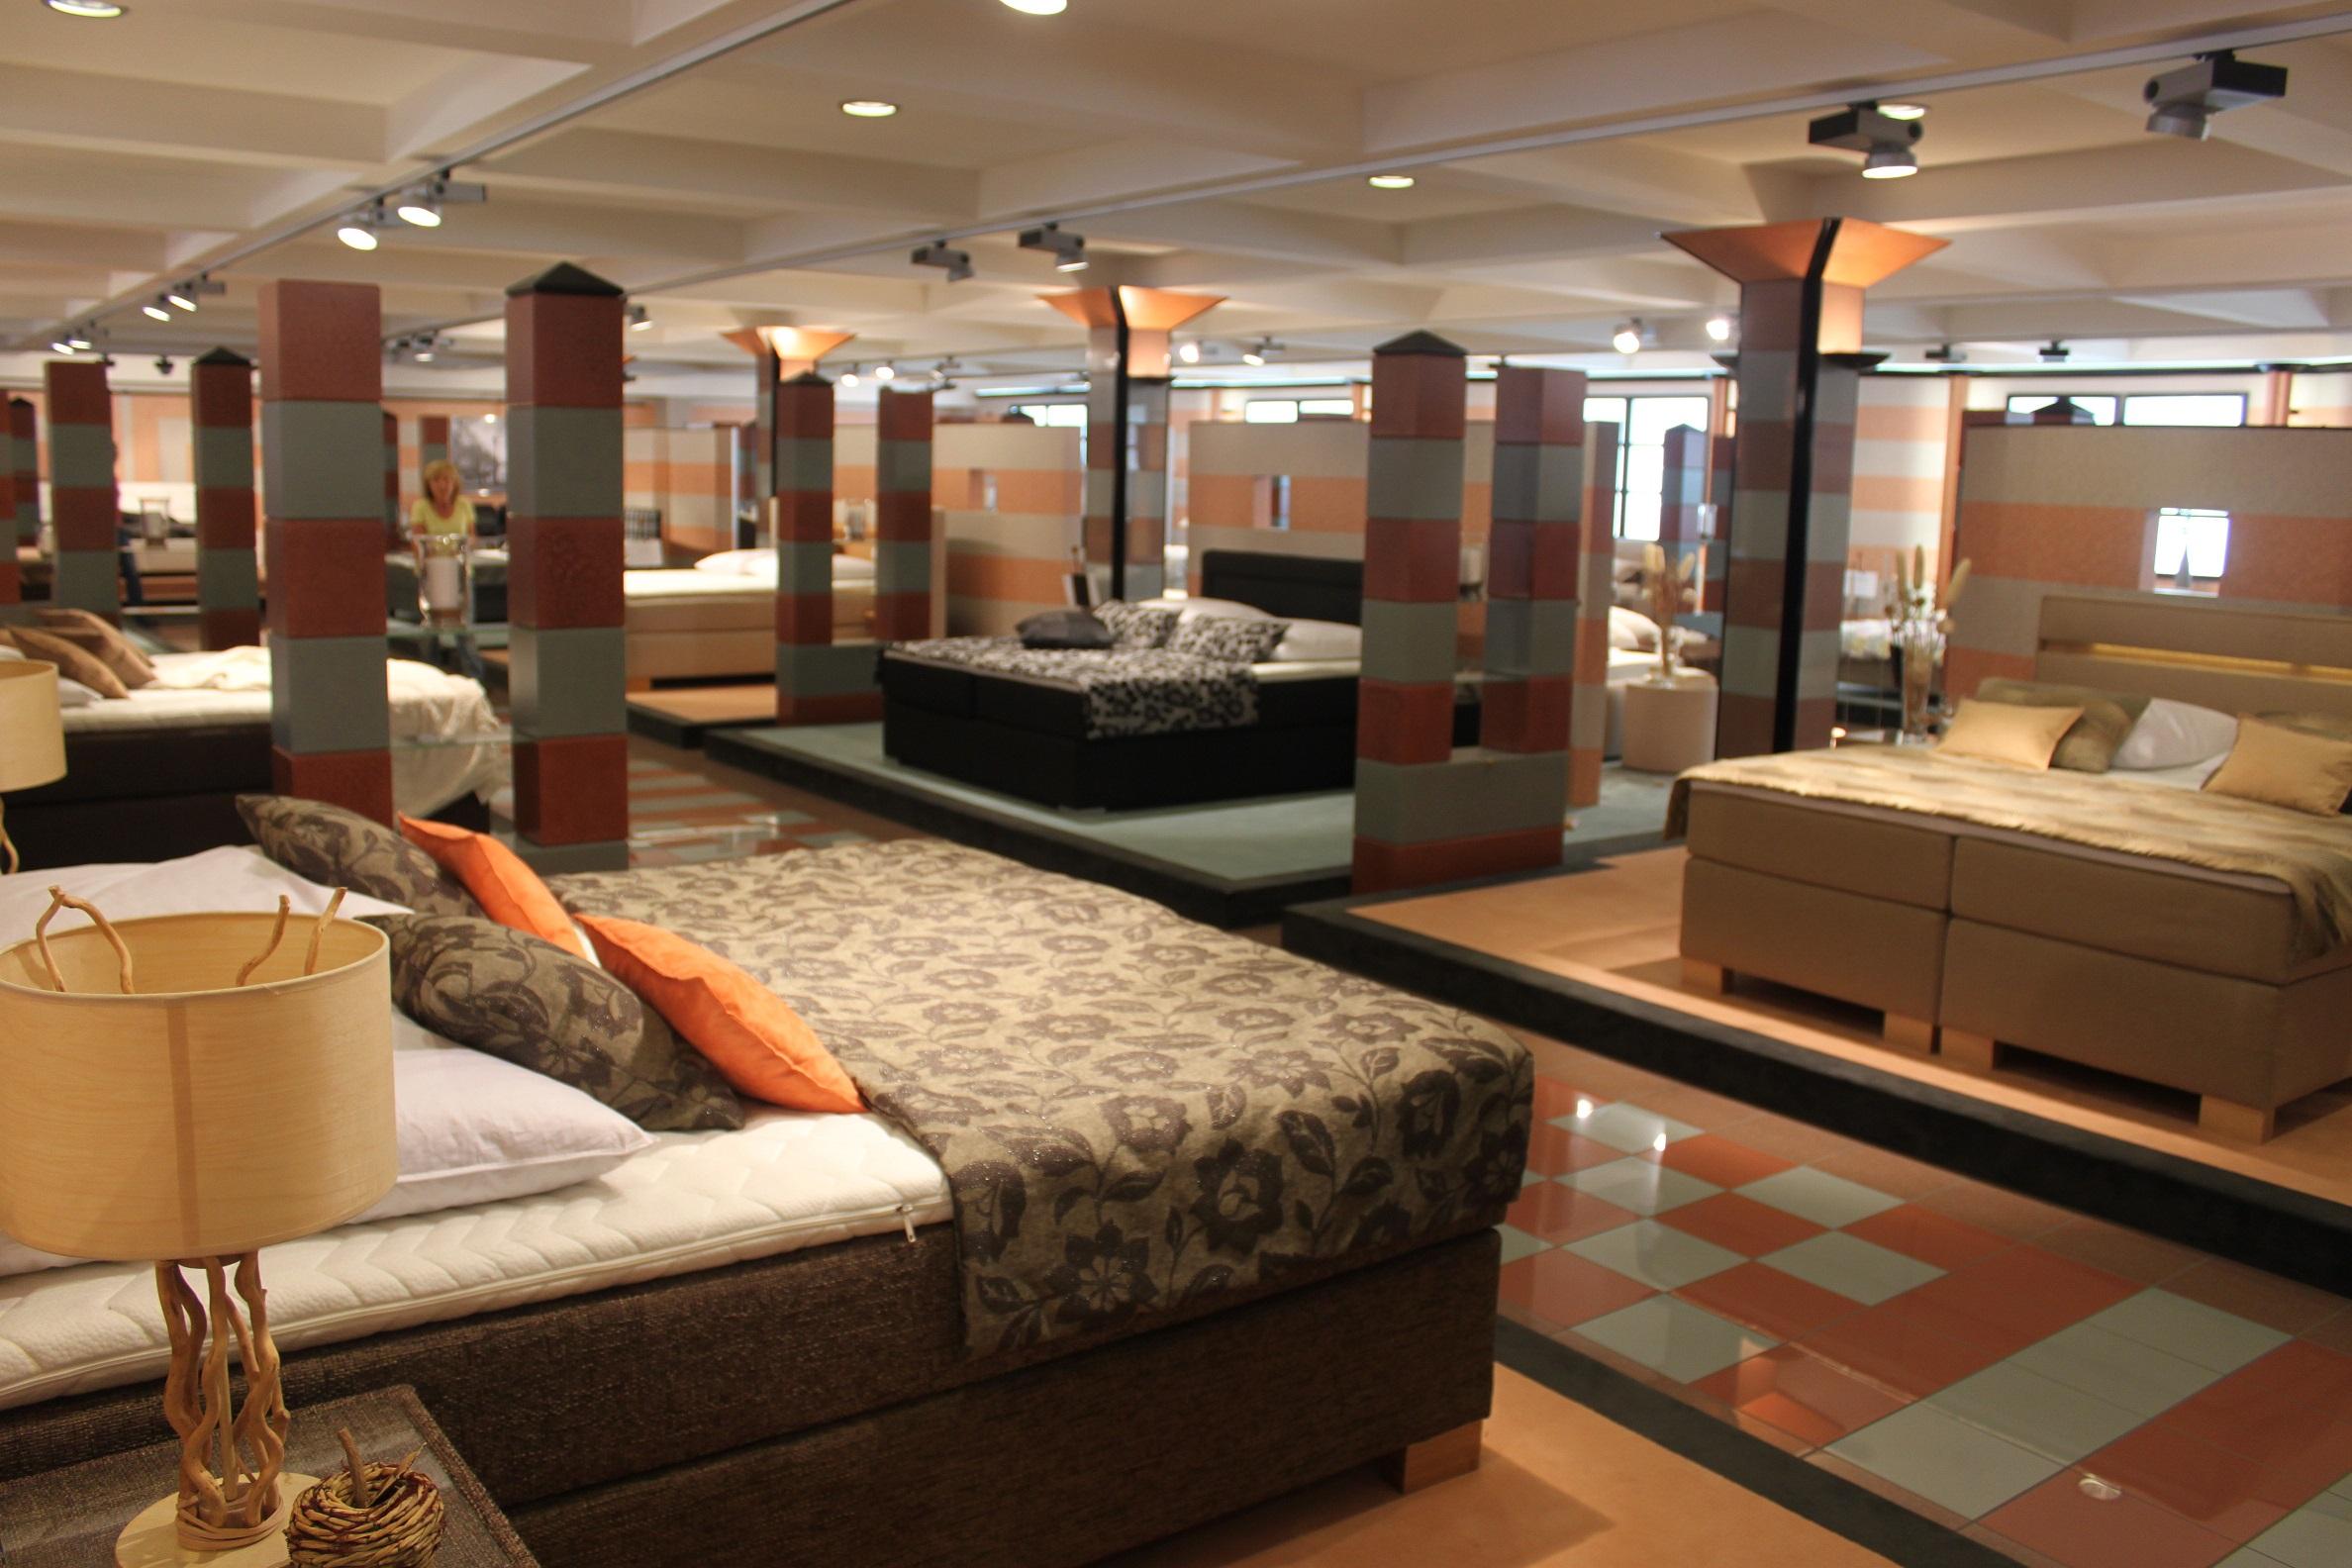 maintal betten ffnungszeiten maintal betten sch nbrunner stra e. Black Bedroom Furniture Sets. Home Design Ideas